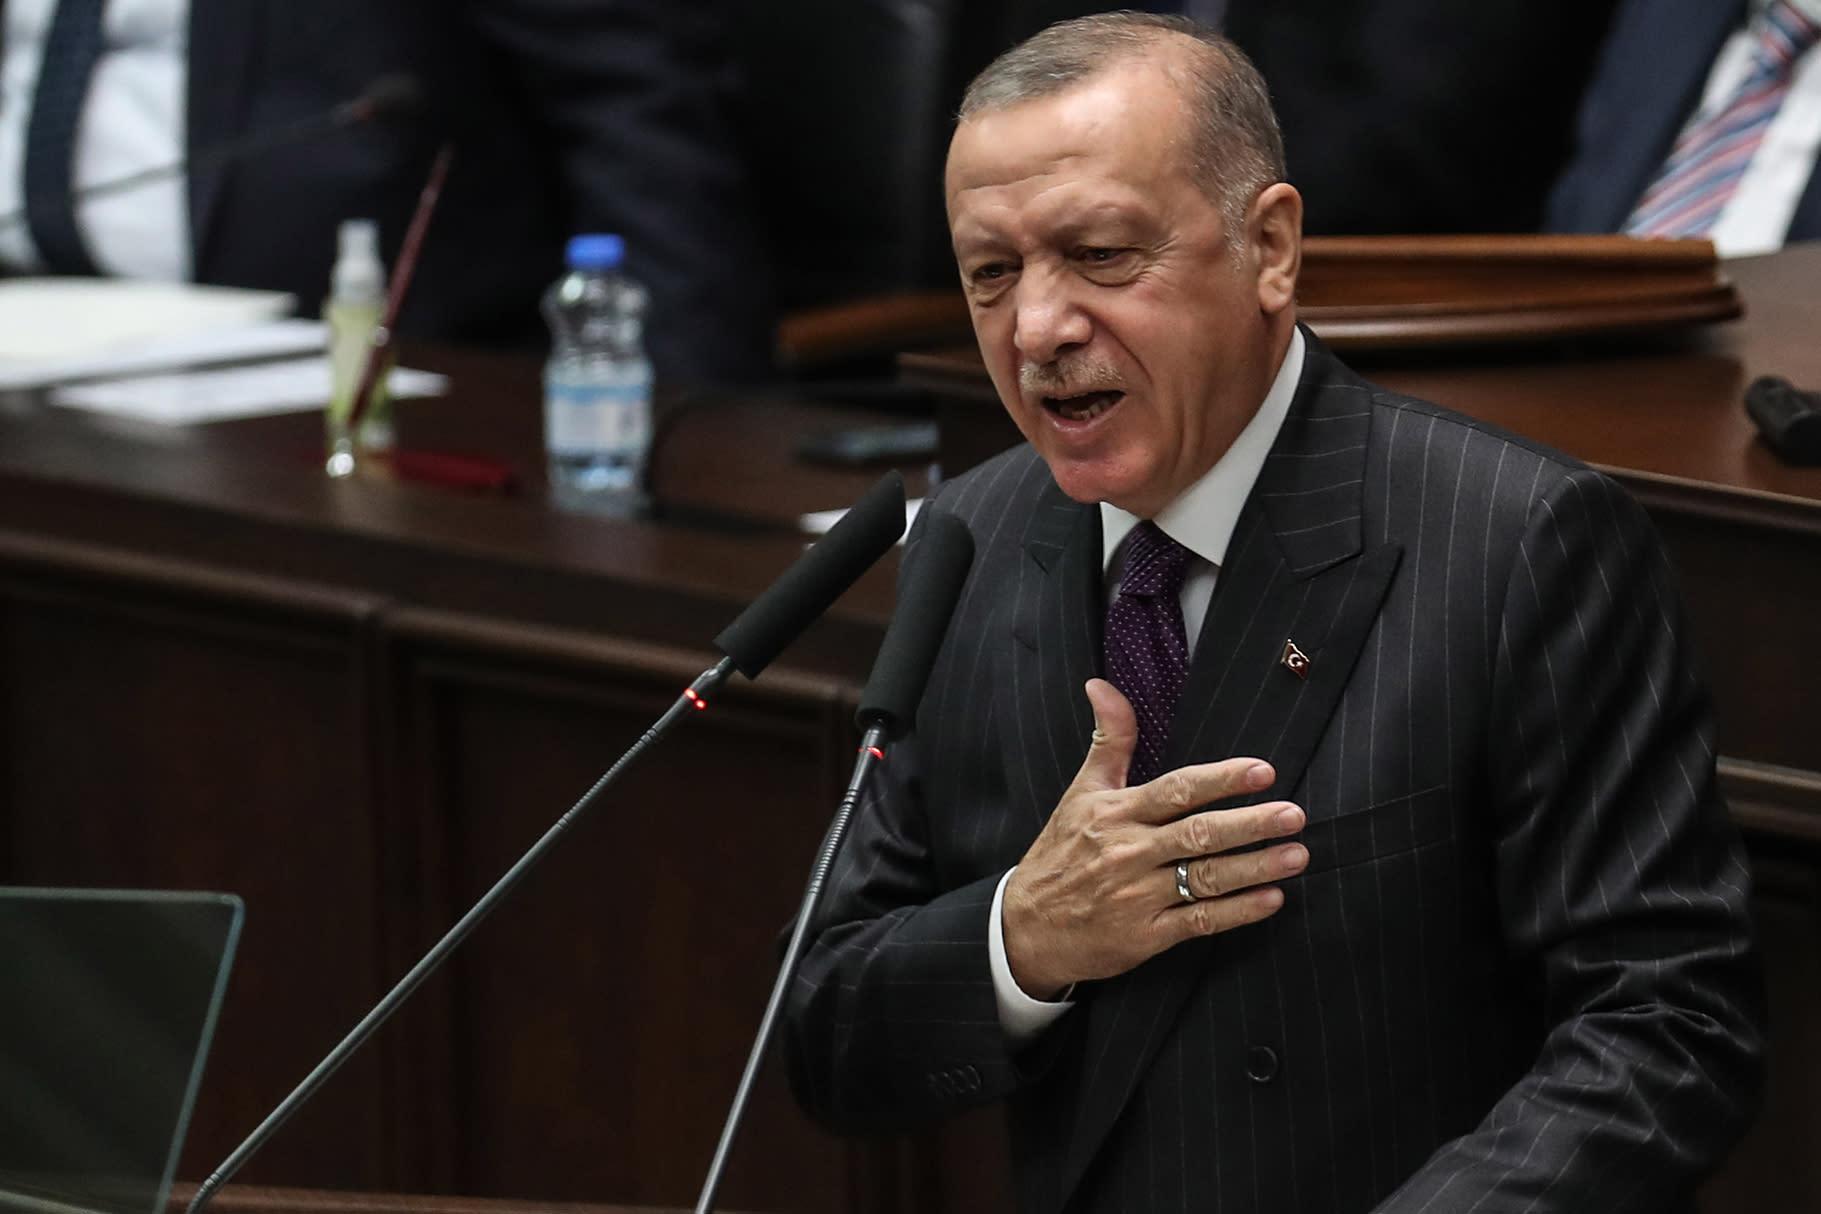 صورة ارشيفية للرئيس التركي، رجب طيب أردوغان